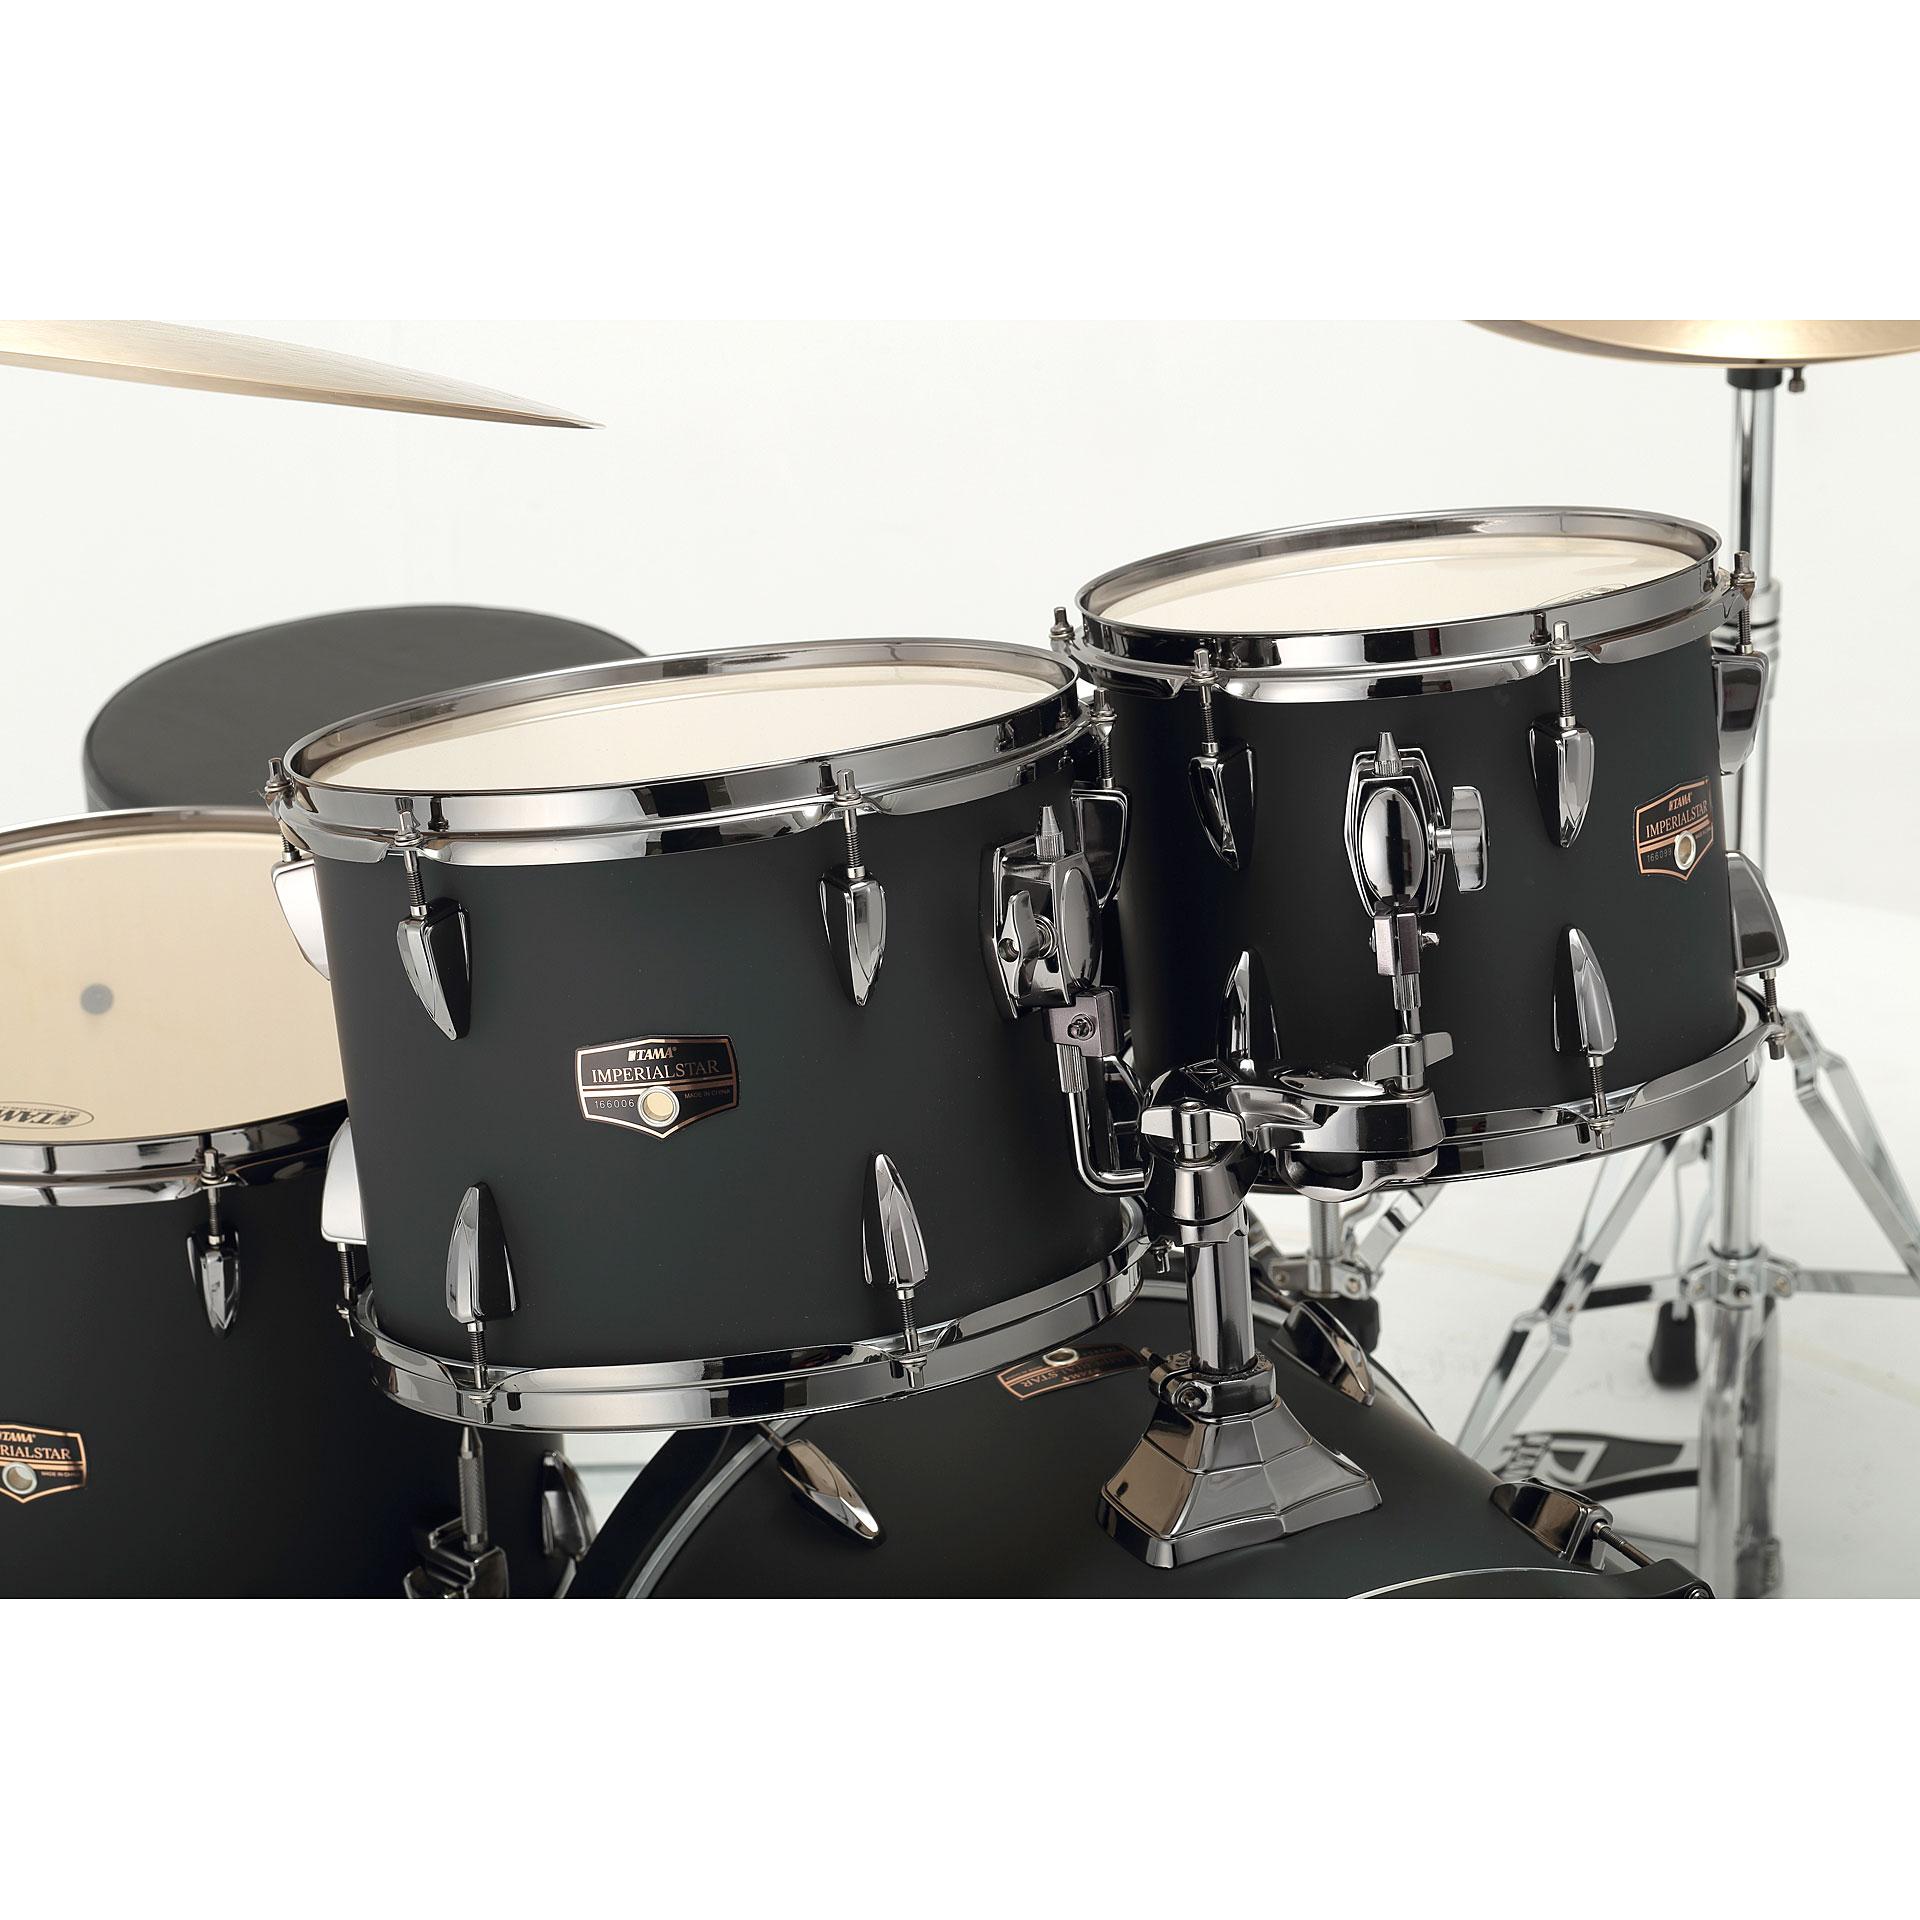 black tama drum set - photo #22